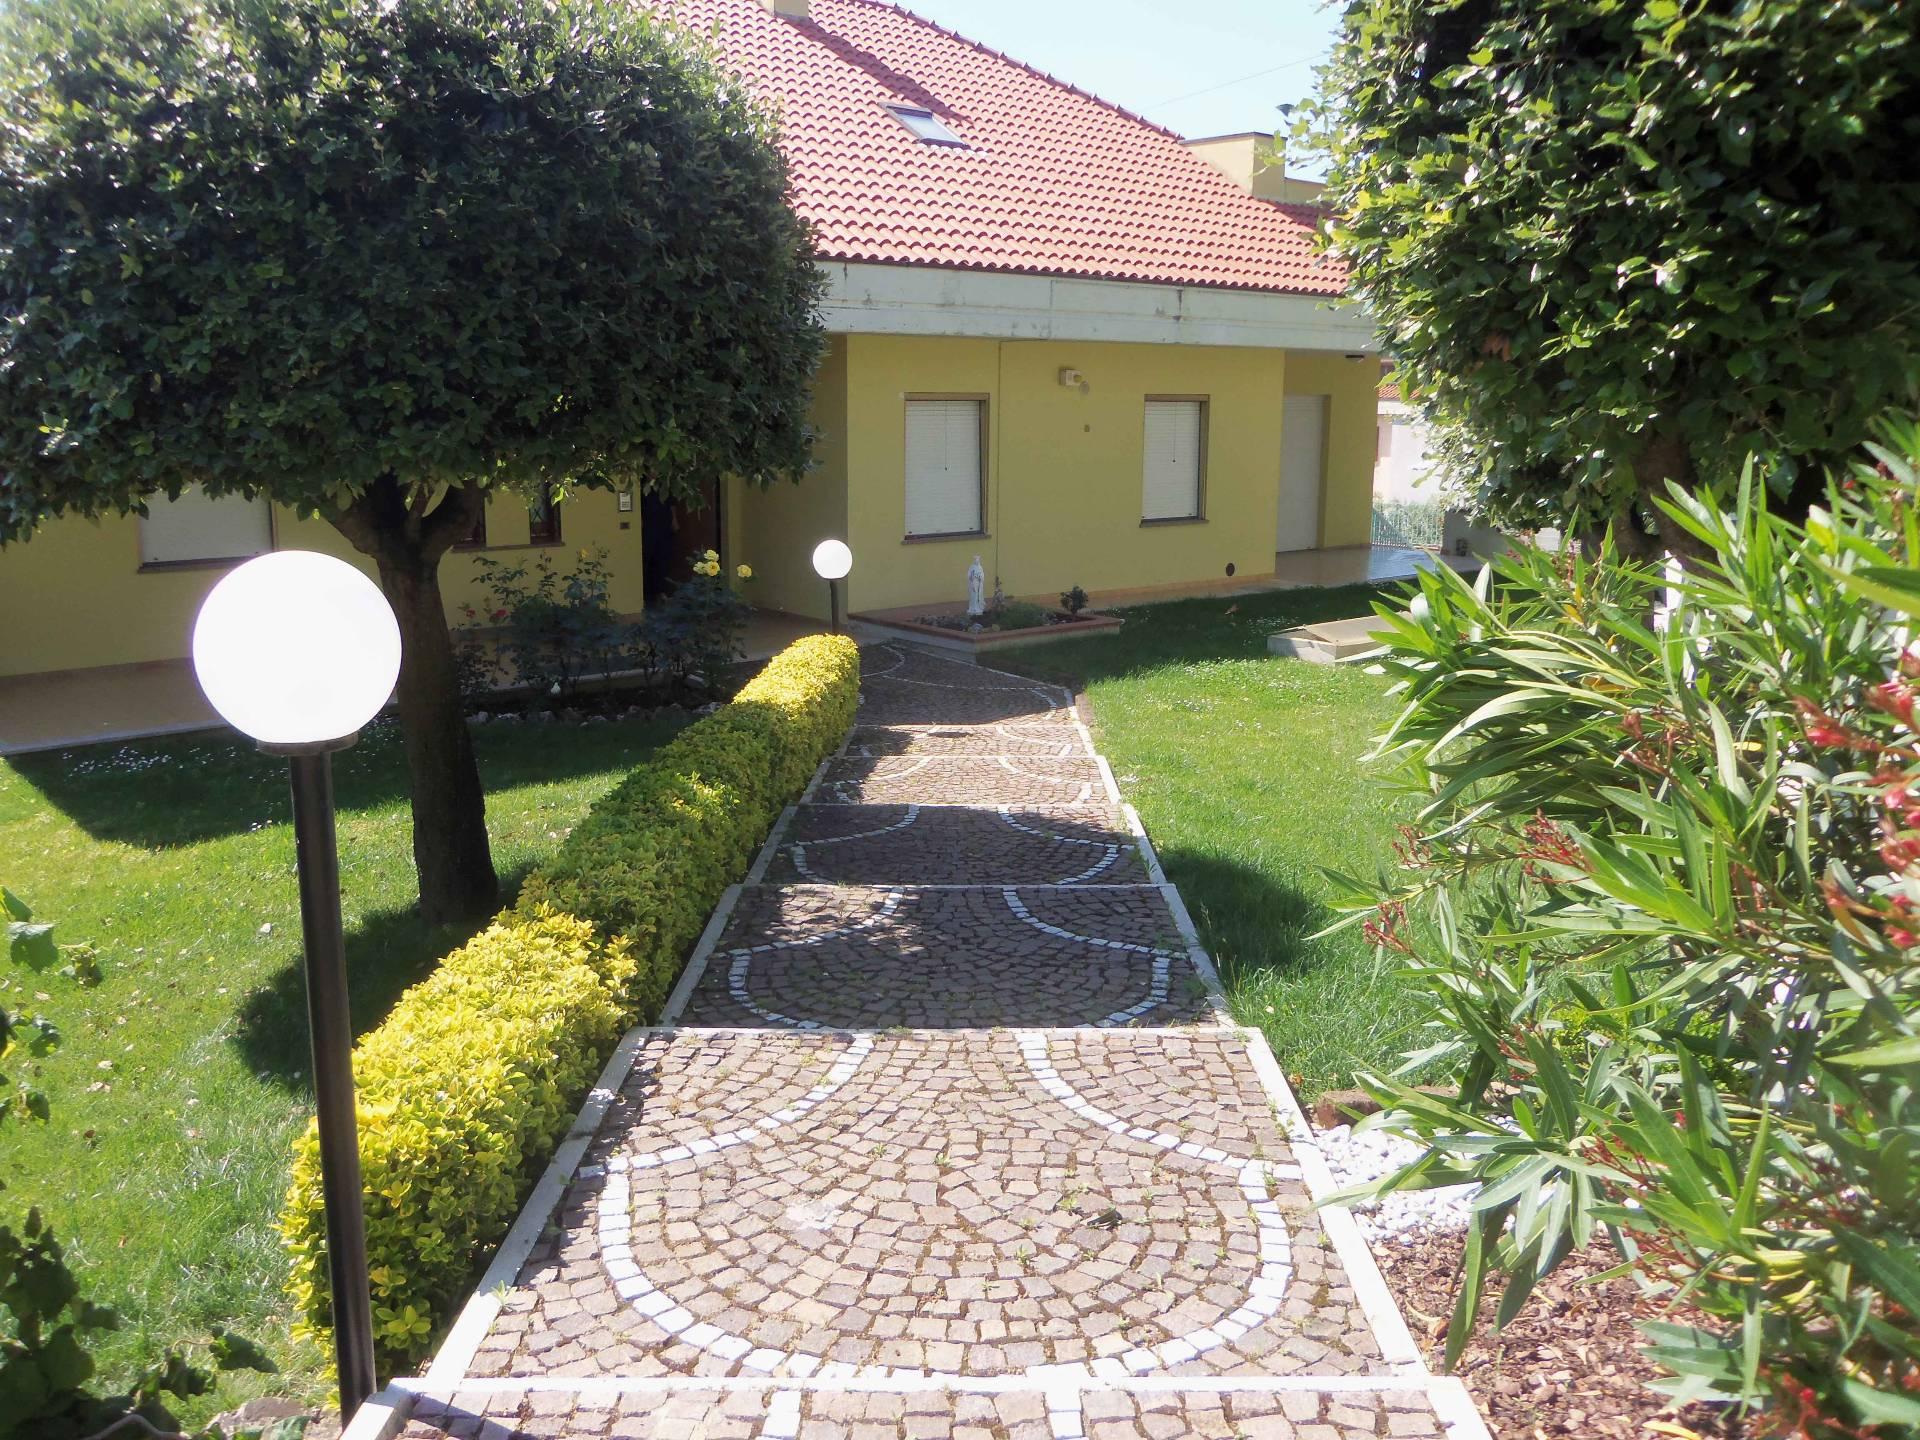 Villa in vendita a Acquaviva Picena, 16 locali, zona Località: Centrale, prezzo € 520.000 | Cambio Casa.it